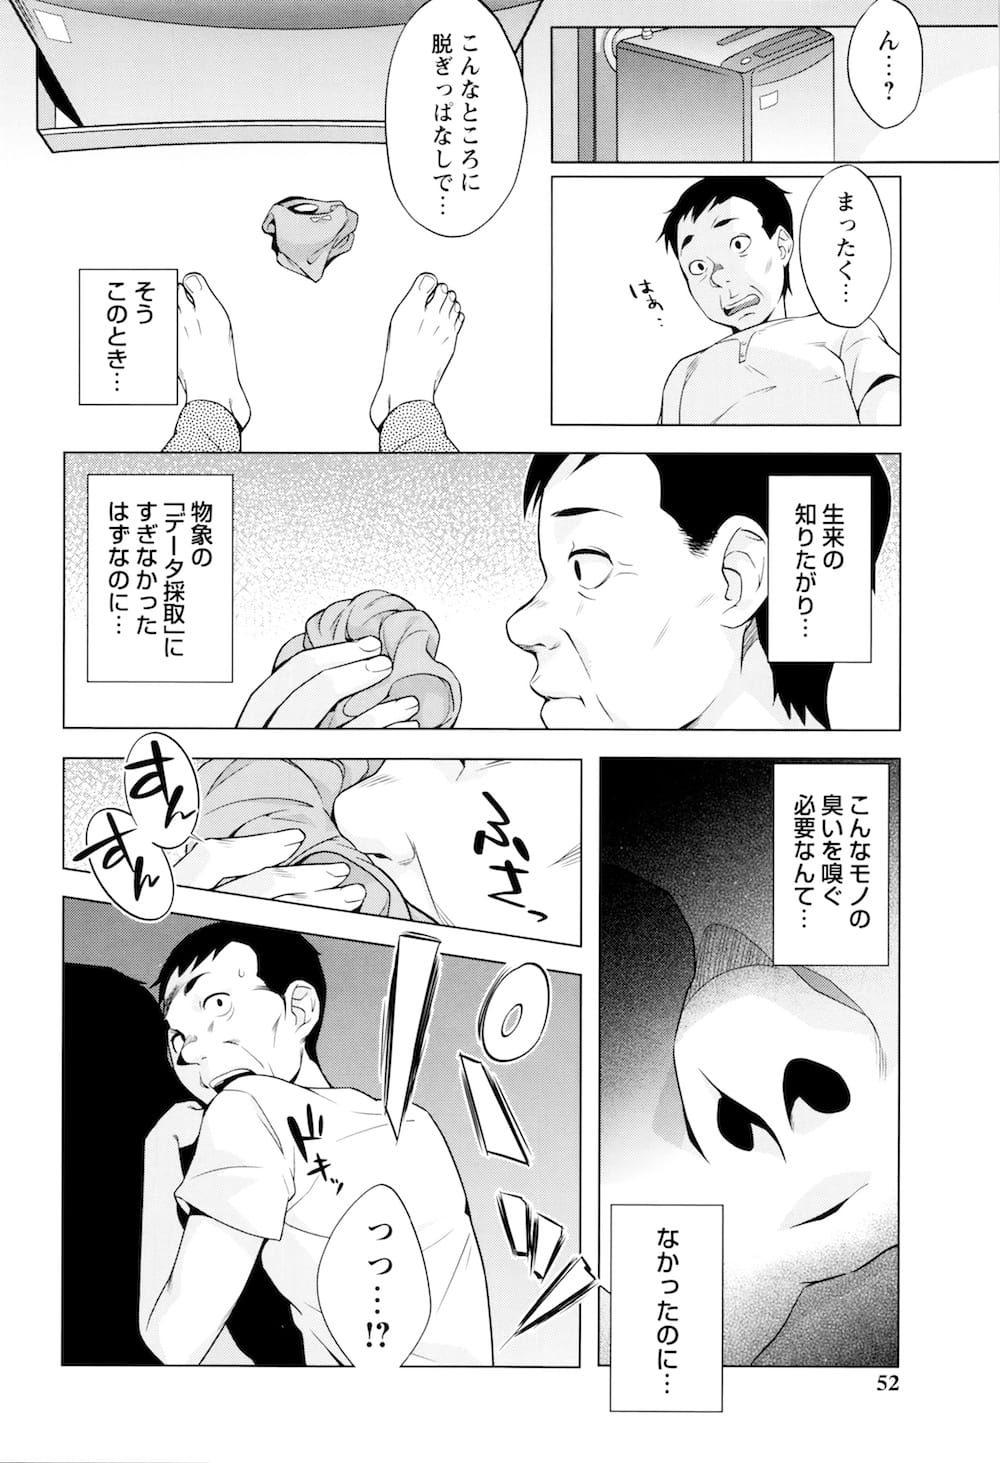 【エロ漫画】連れ子のいる女性と結婚した男が義娘に調教されて、遊びだからと言われお風呂で義親子セックスしてしまう! 004